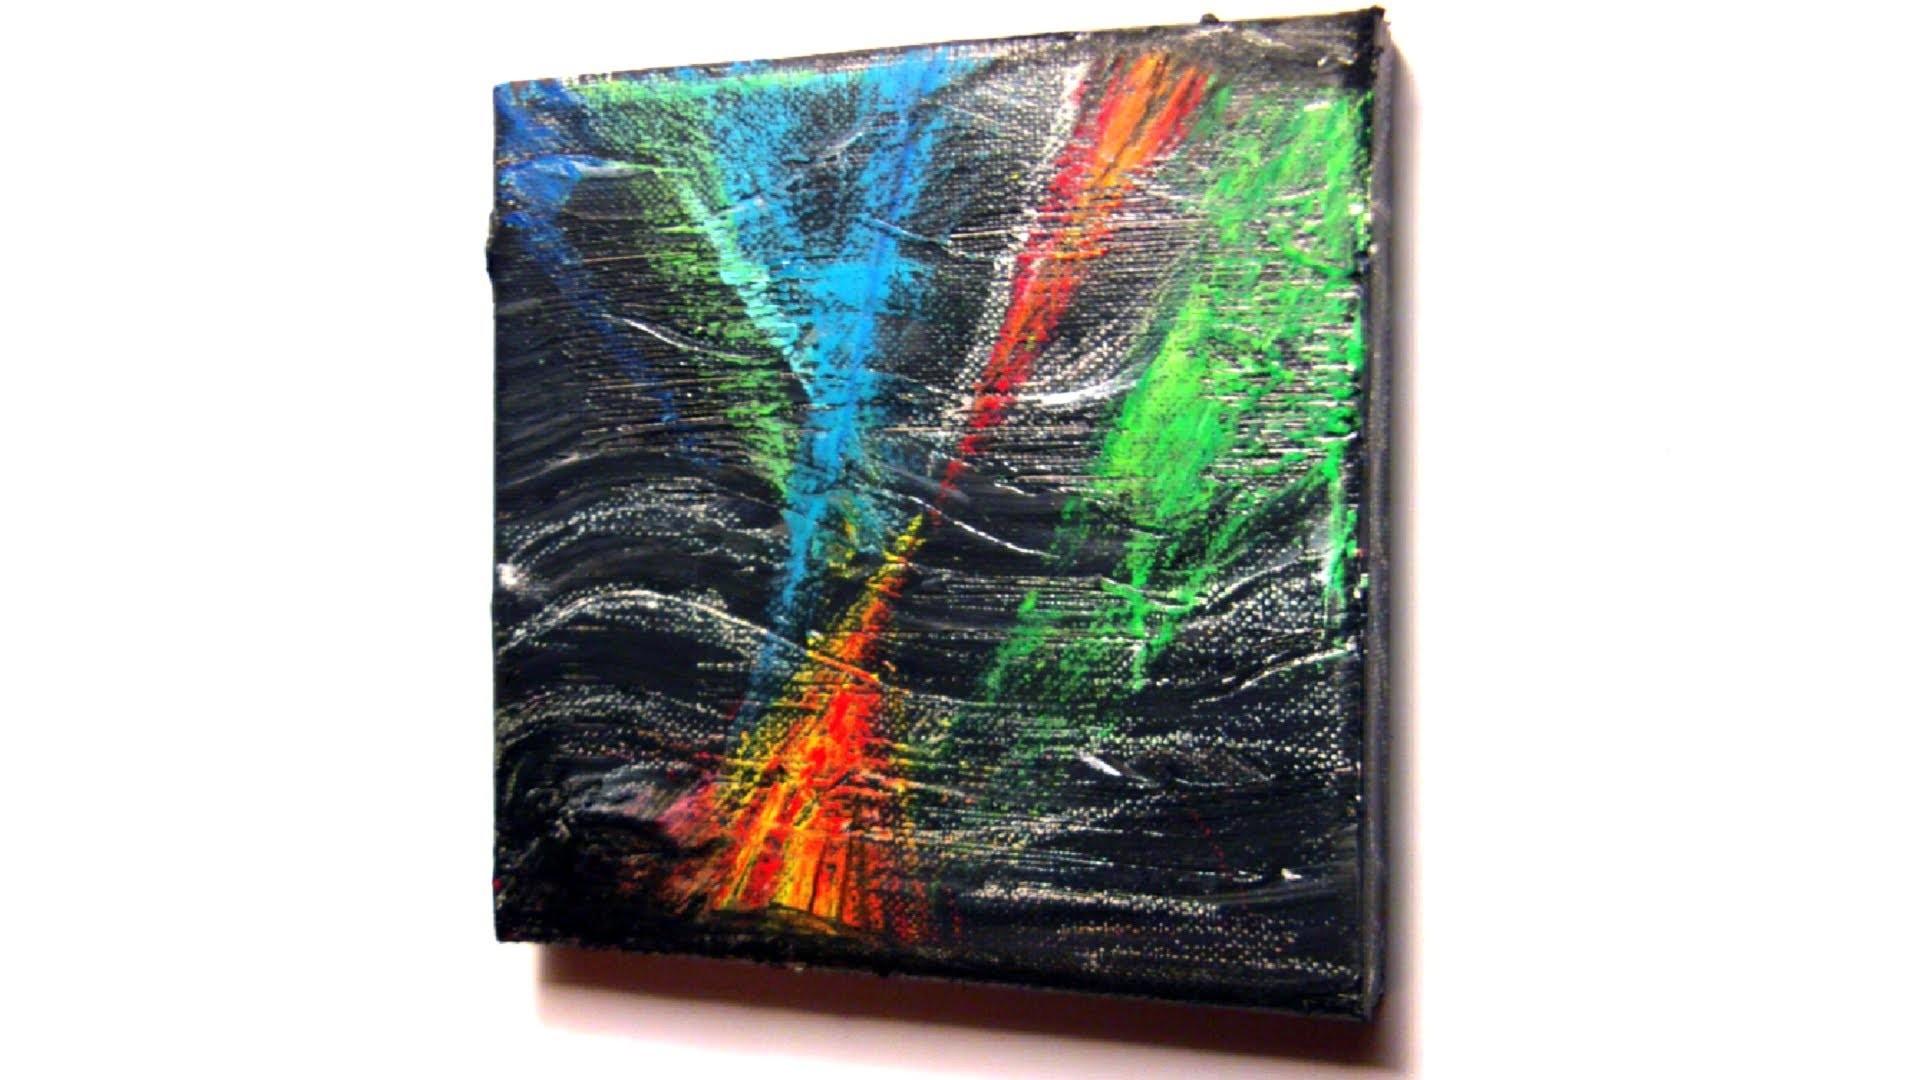 Abstrakt Malen Ideen Und 8 Tipps Um Abstrakt Zu Malen